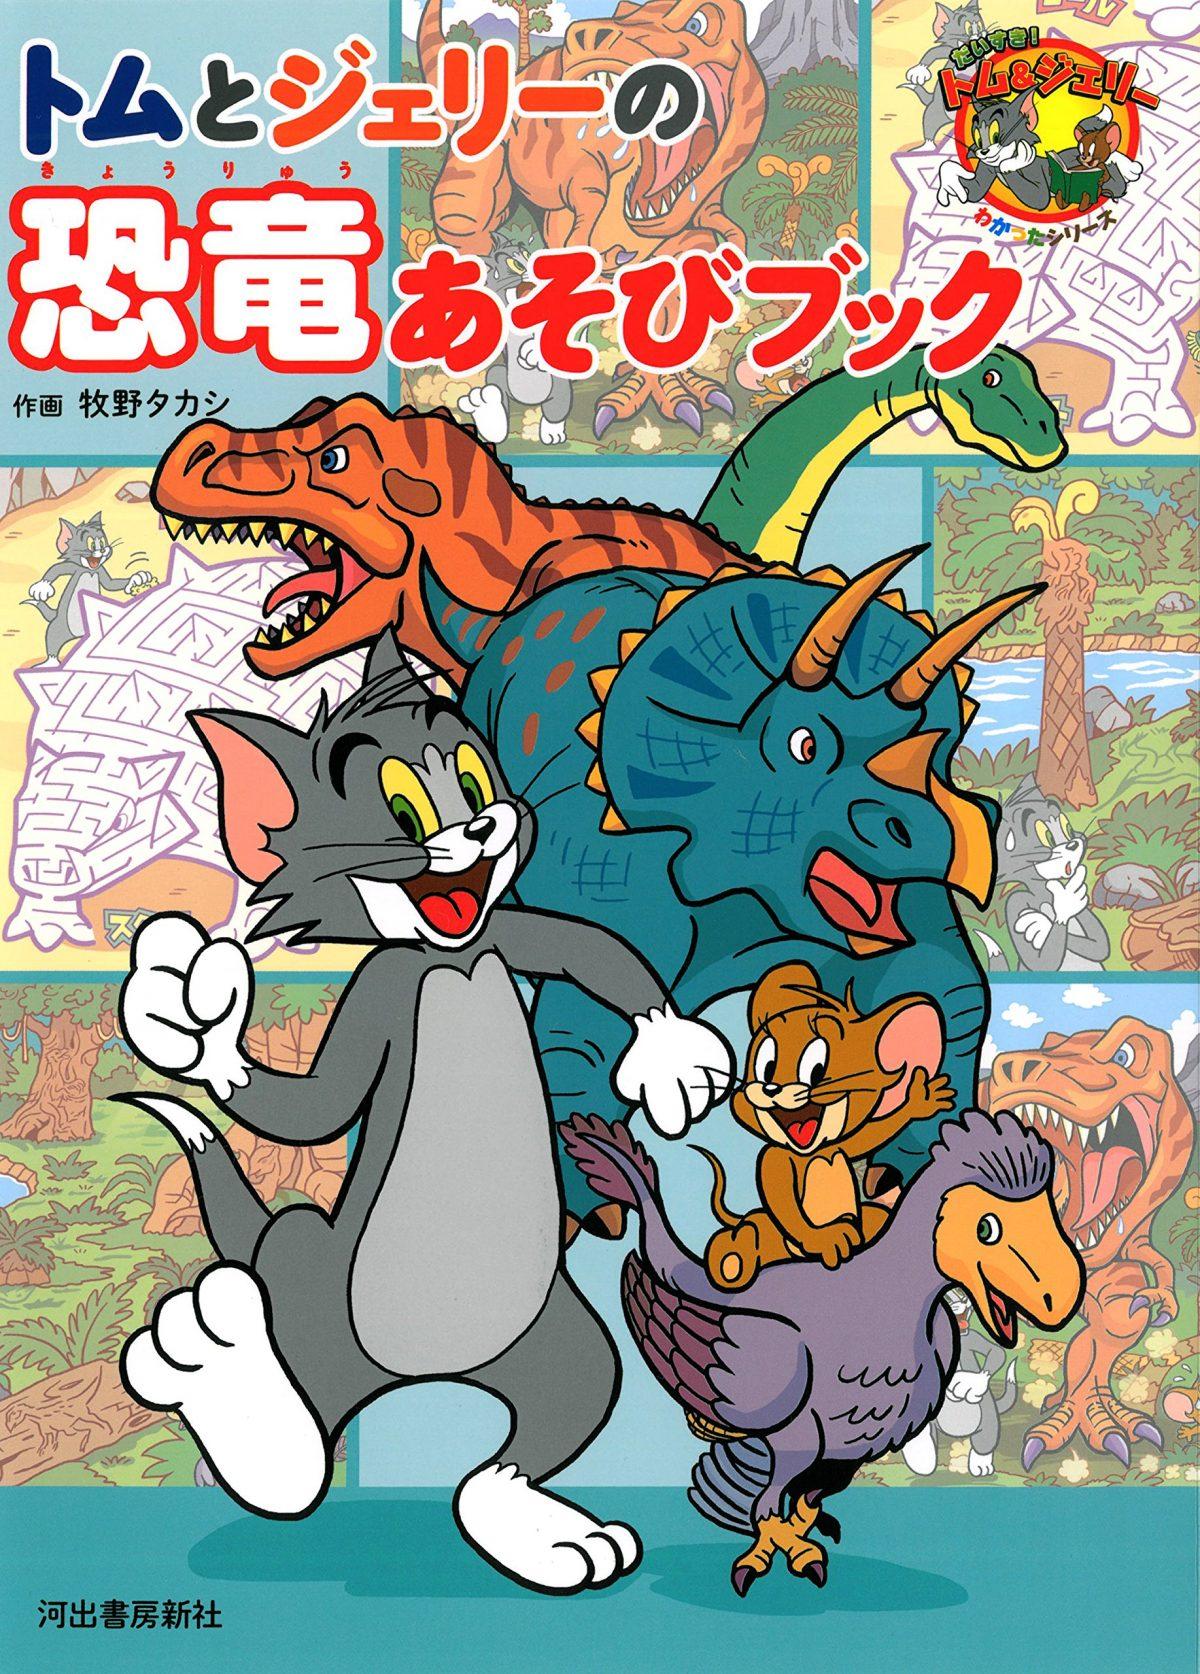 絵本「トムとジェリーの恐竜あそびブック」の表紙